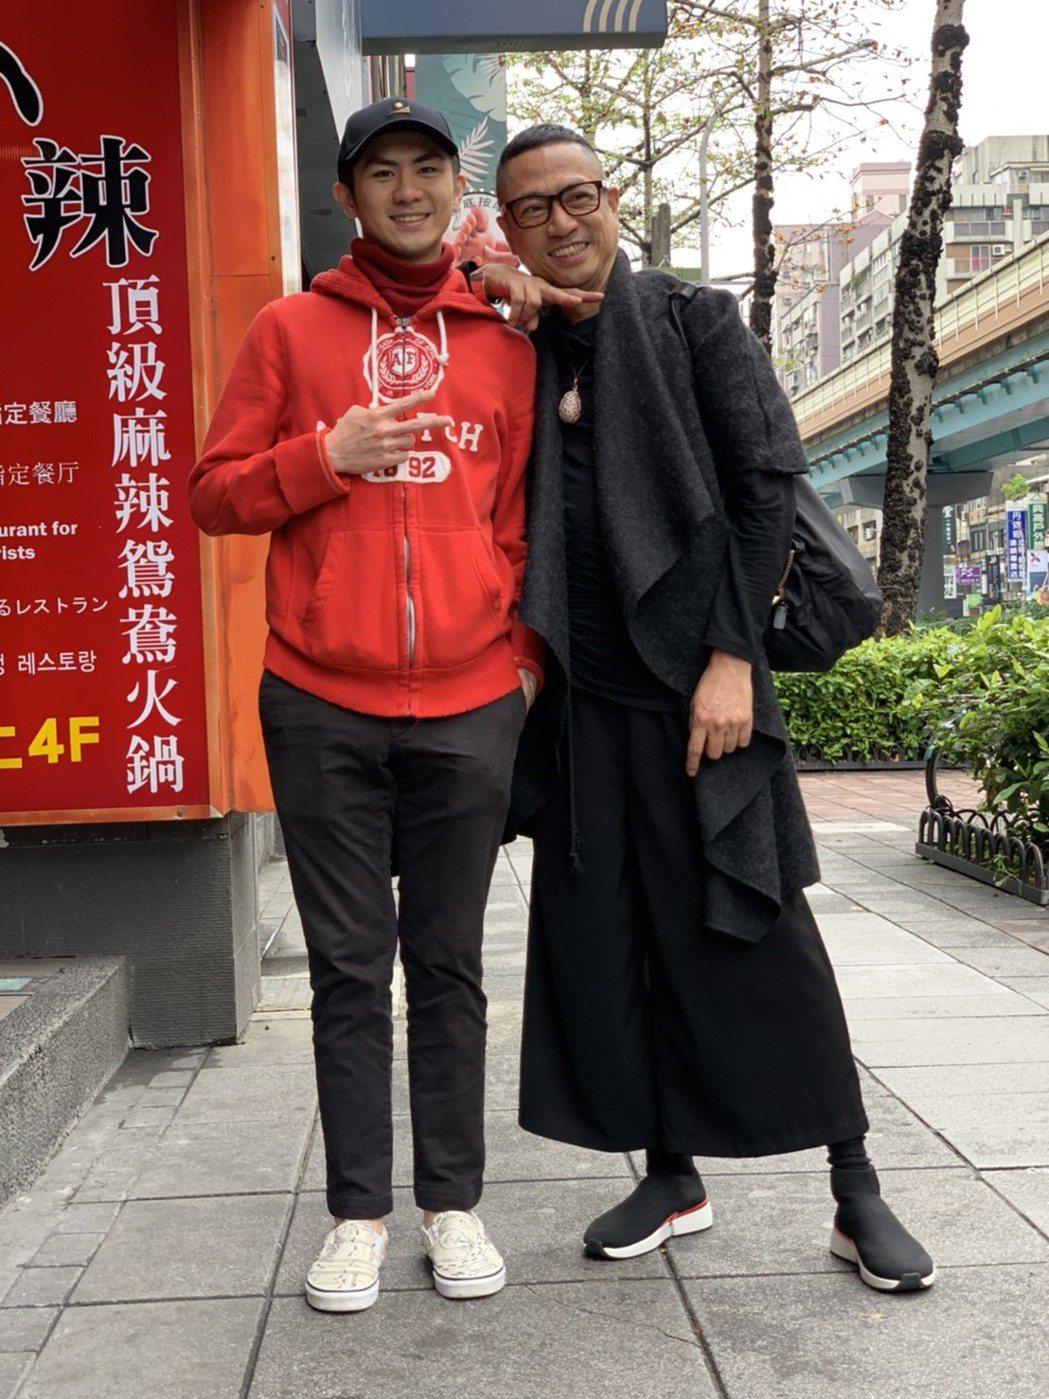 李樹德(右)華麗登場,為兒子李翔恩步星途打知名度。記者陳慧貞/攝影